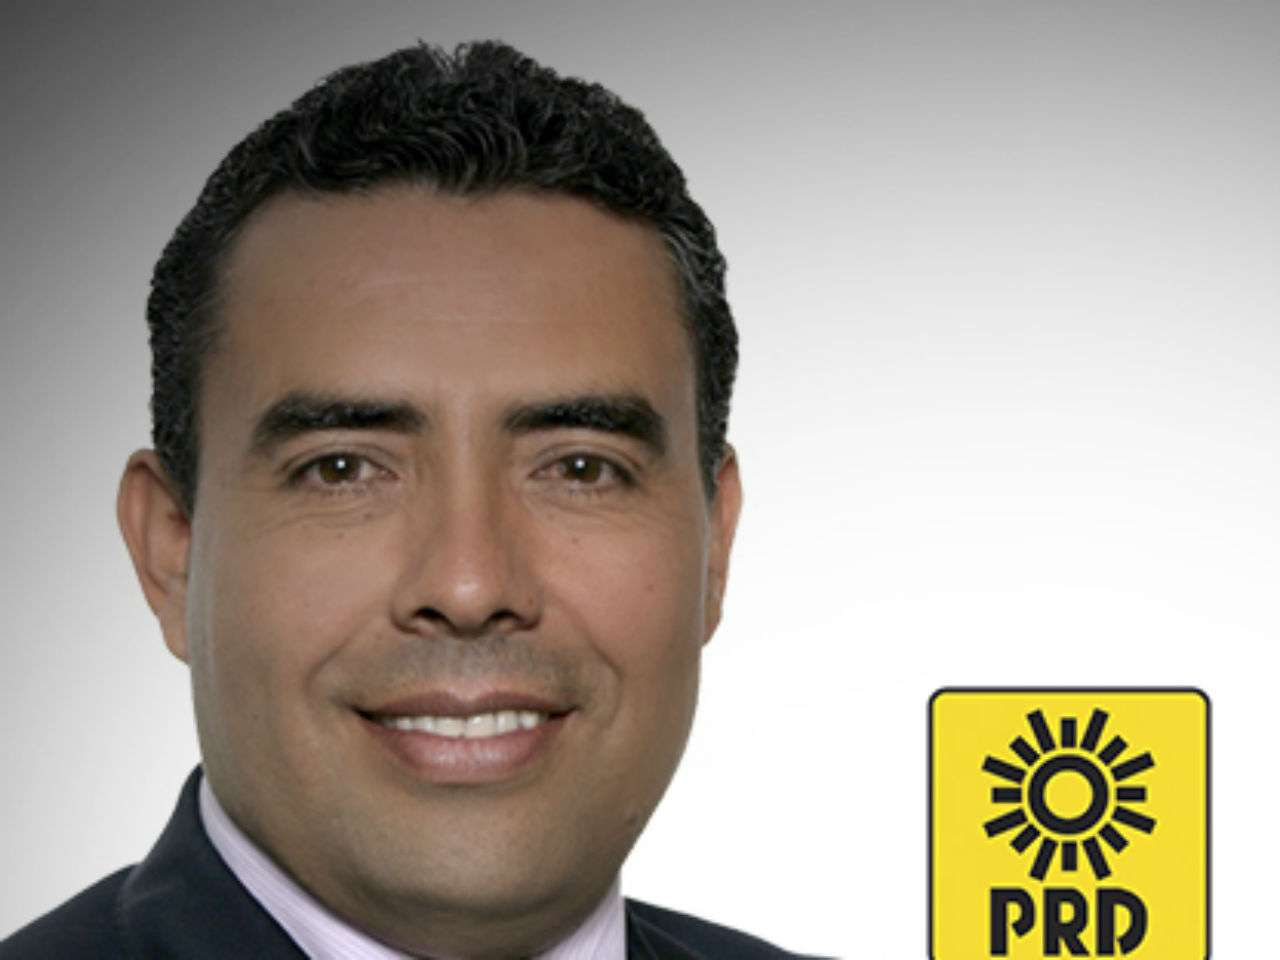 El gobierno de Morelos no ha proporcionado detalles del secuestro. Foto: PRD Morelos